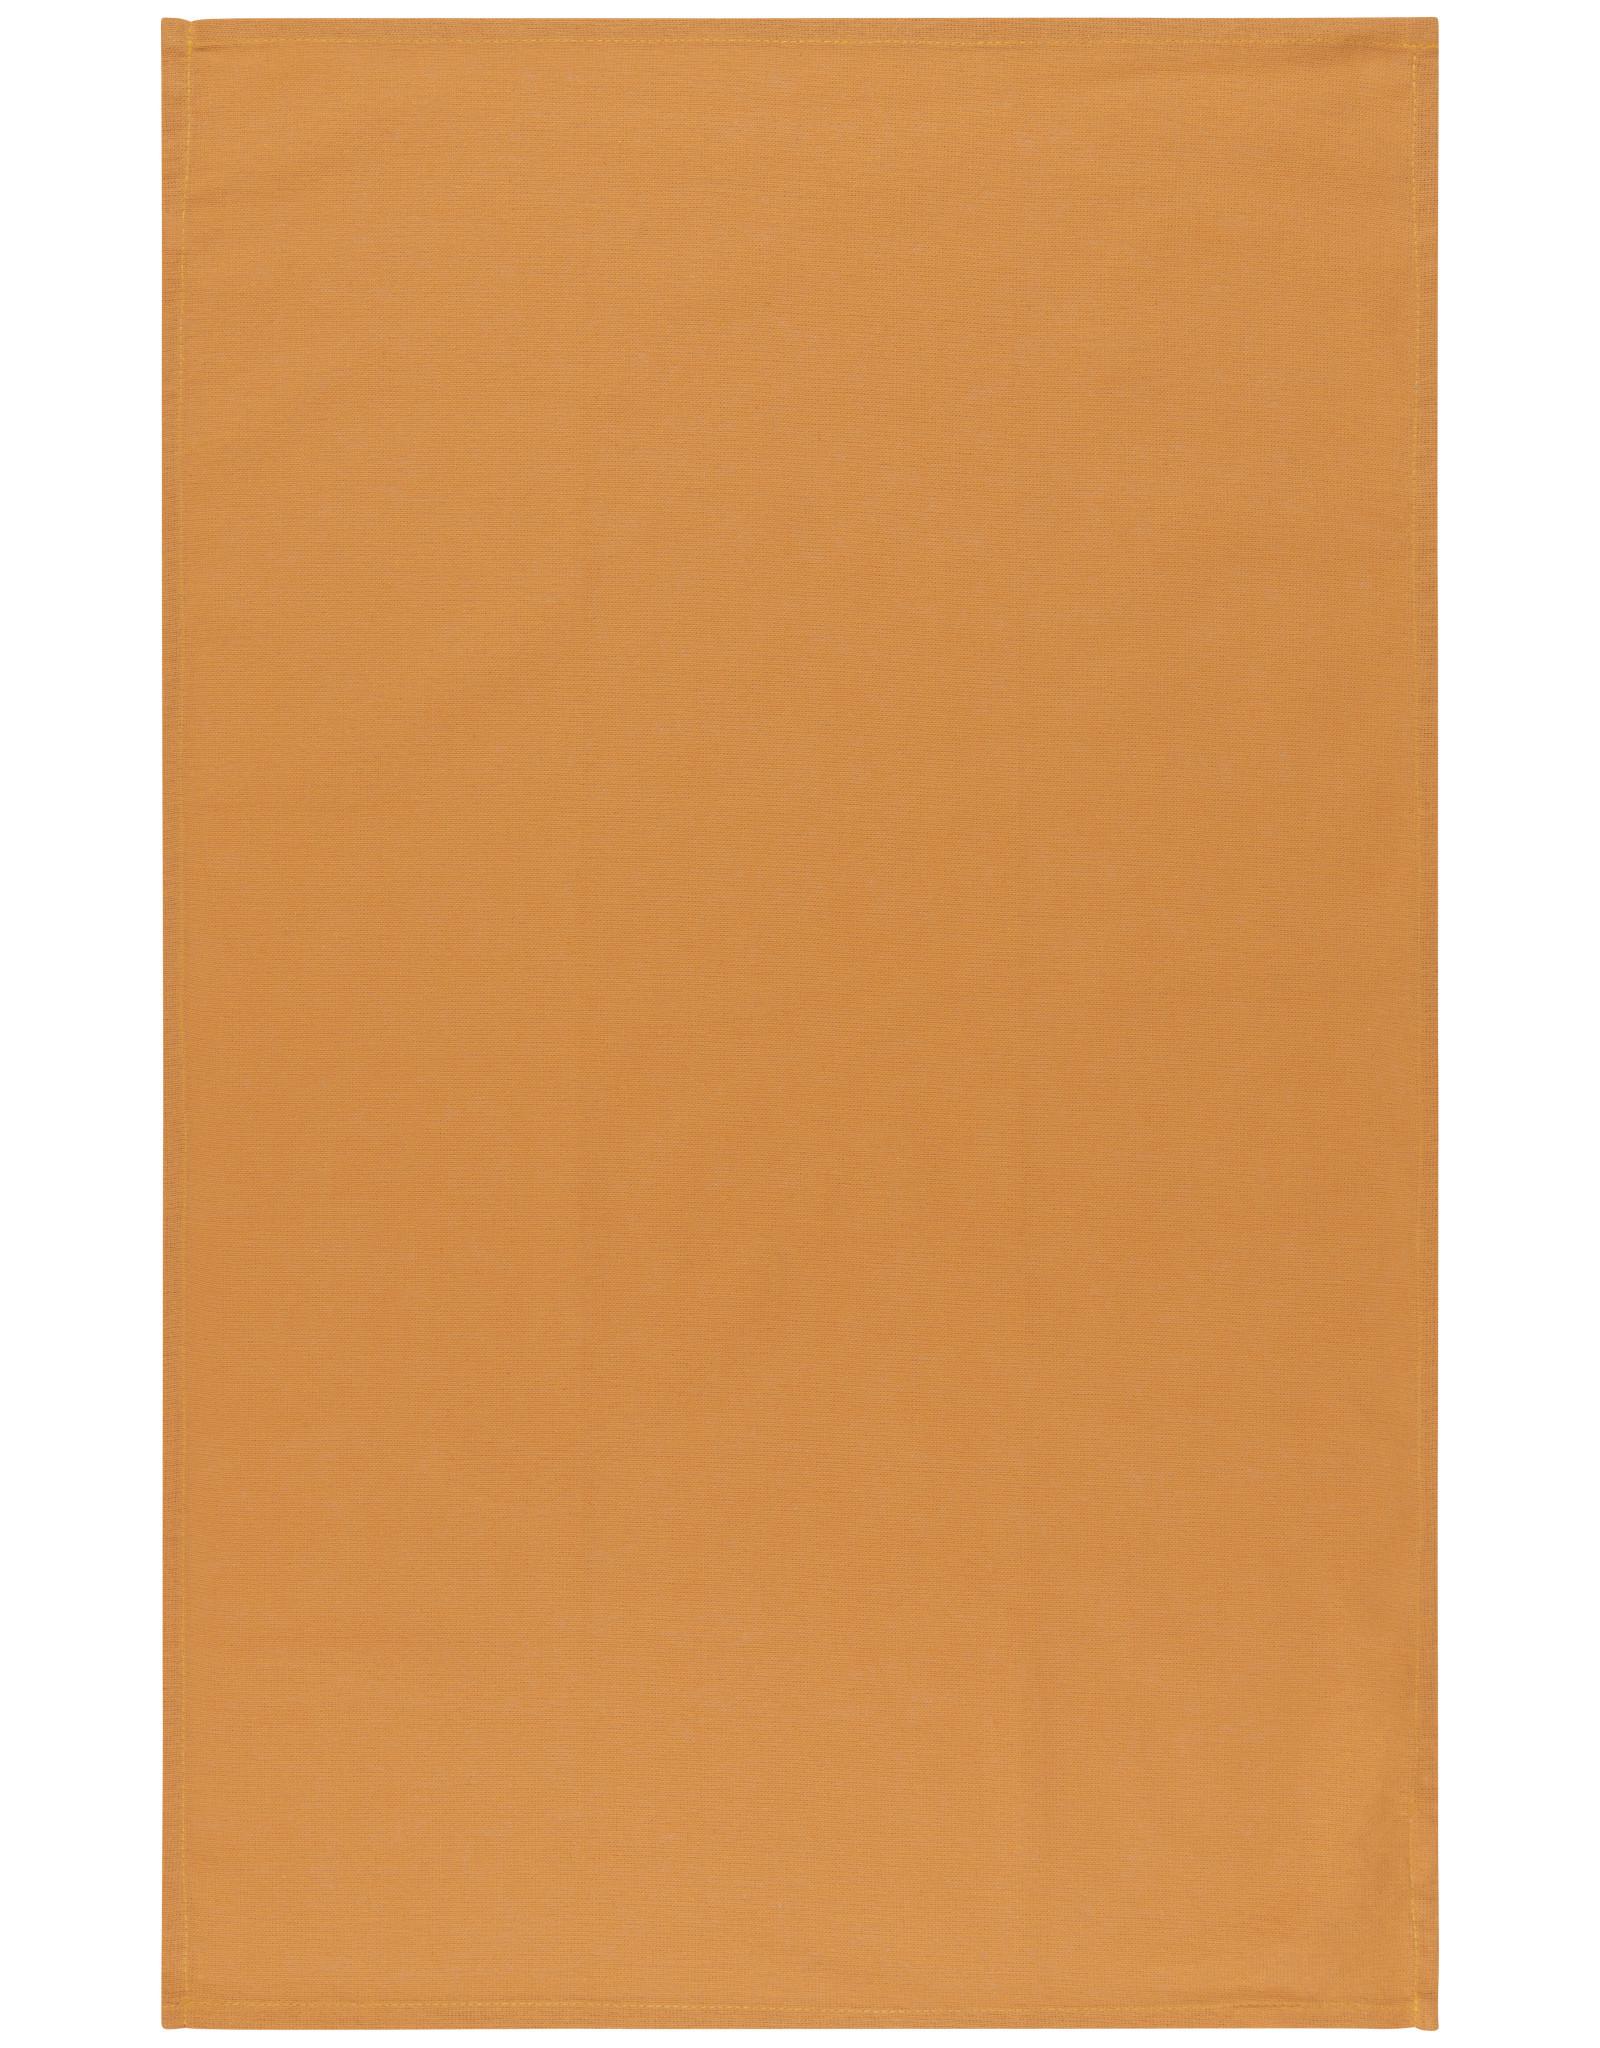 Danica Tea Towel - Flour Wine/Maize/Midnight - 3 pack